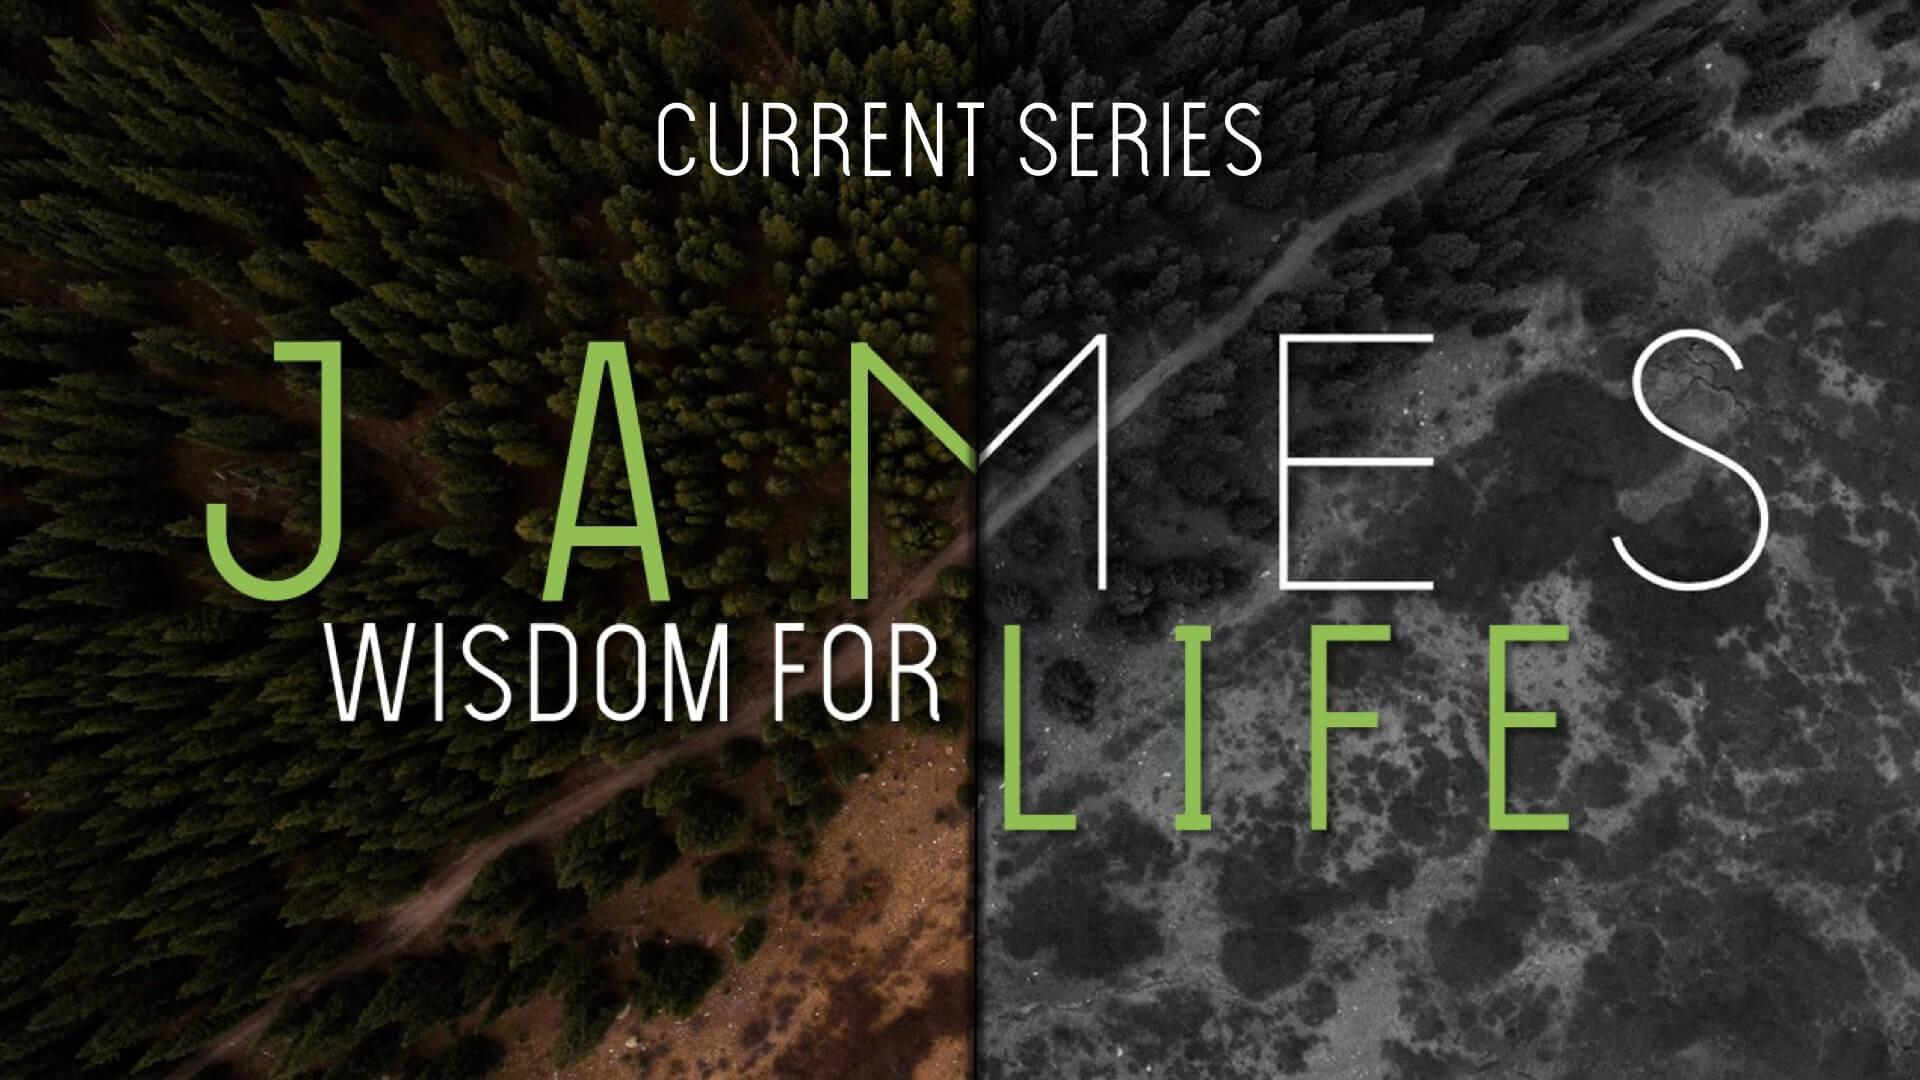 James: Wisdom for Life